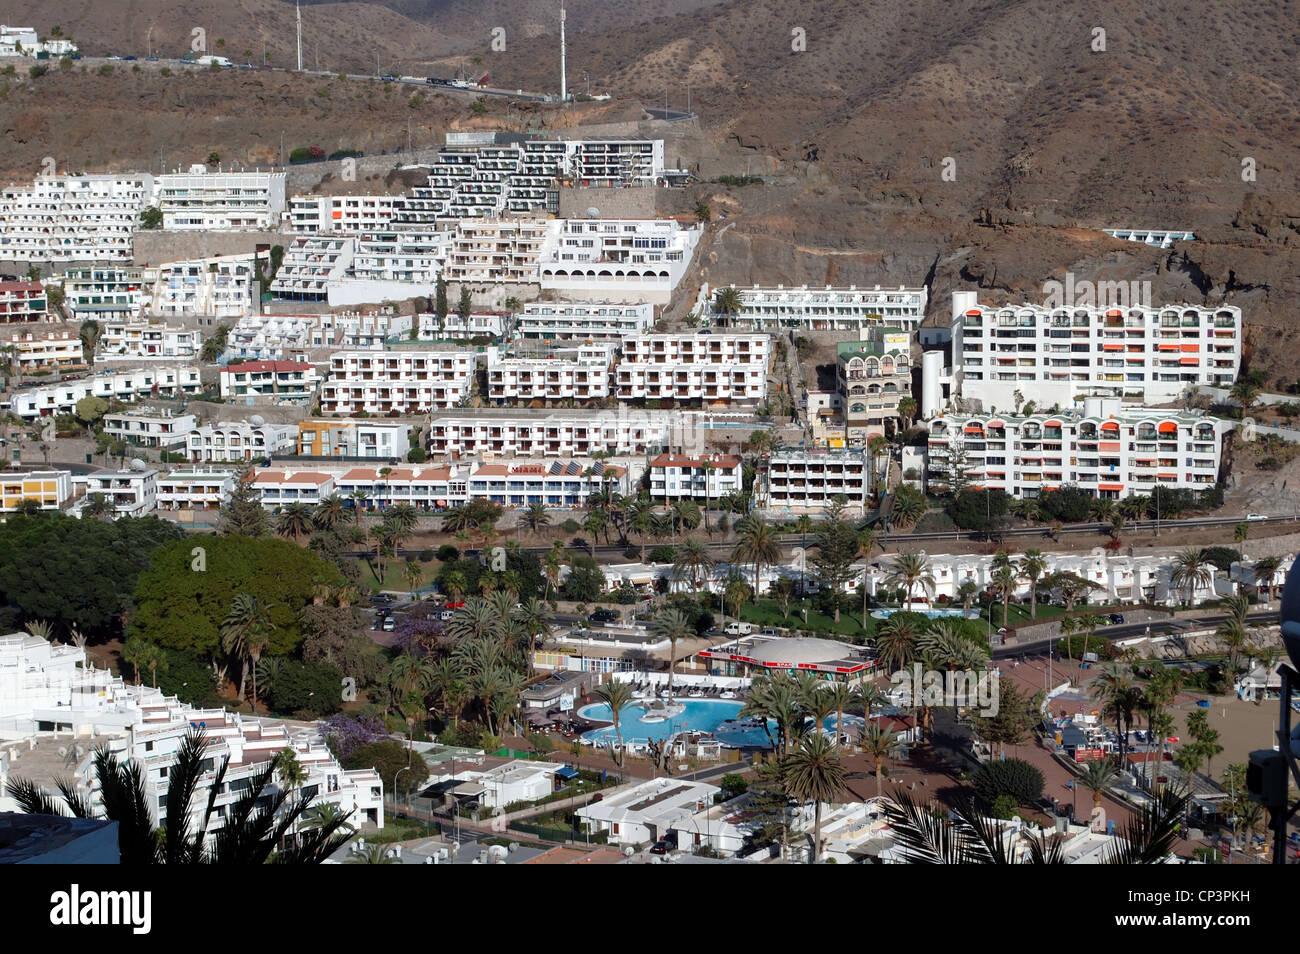 Puerto Rico, Gran Canaria, Kanarische Inseln, Urlaub, Urlaub, Wetter, Tourismus, Sonne, Meer, Entspannung, Stockbild